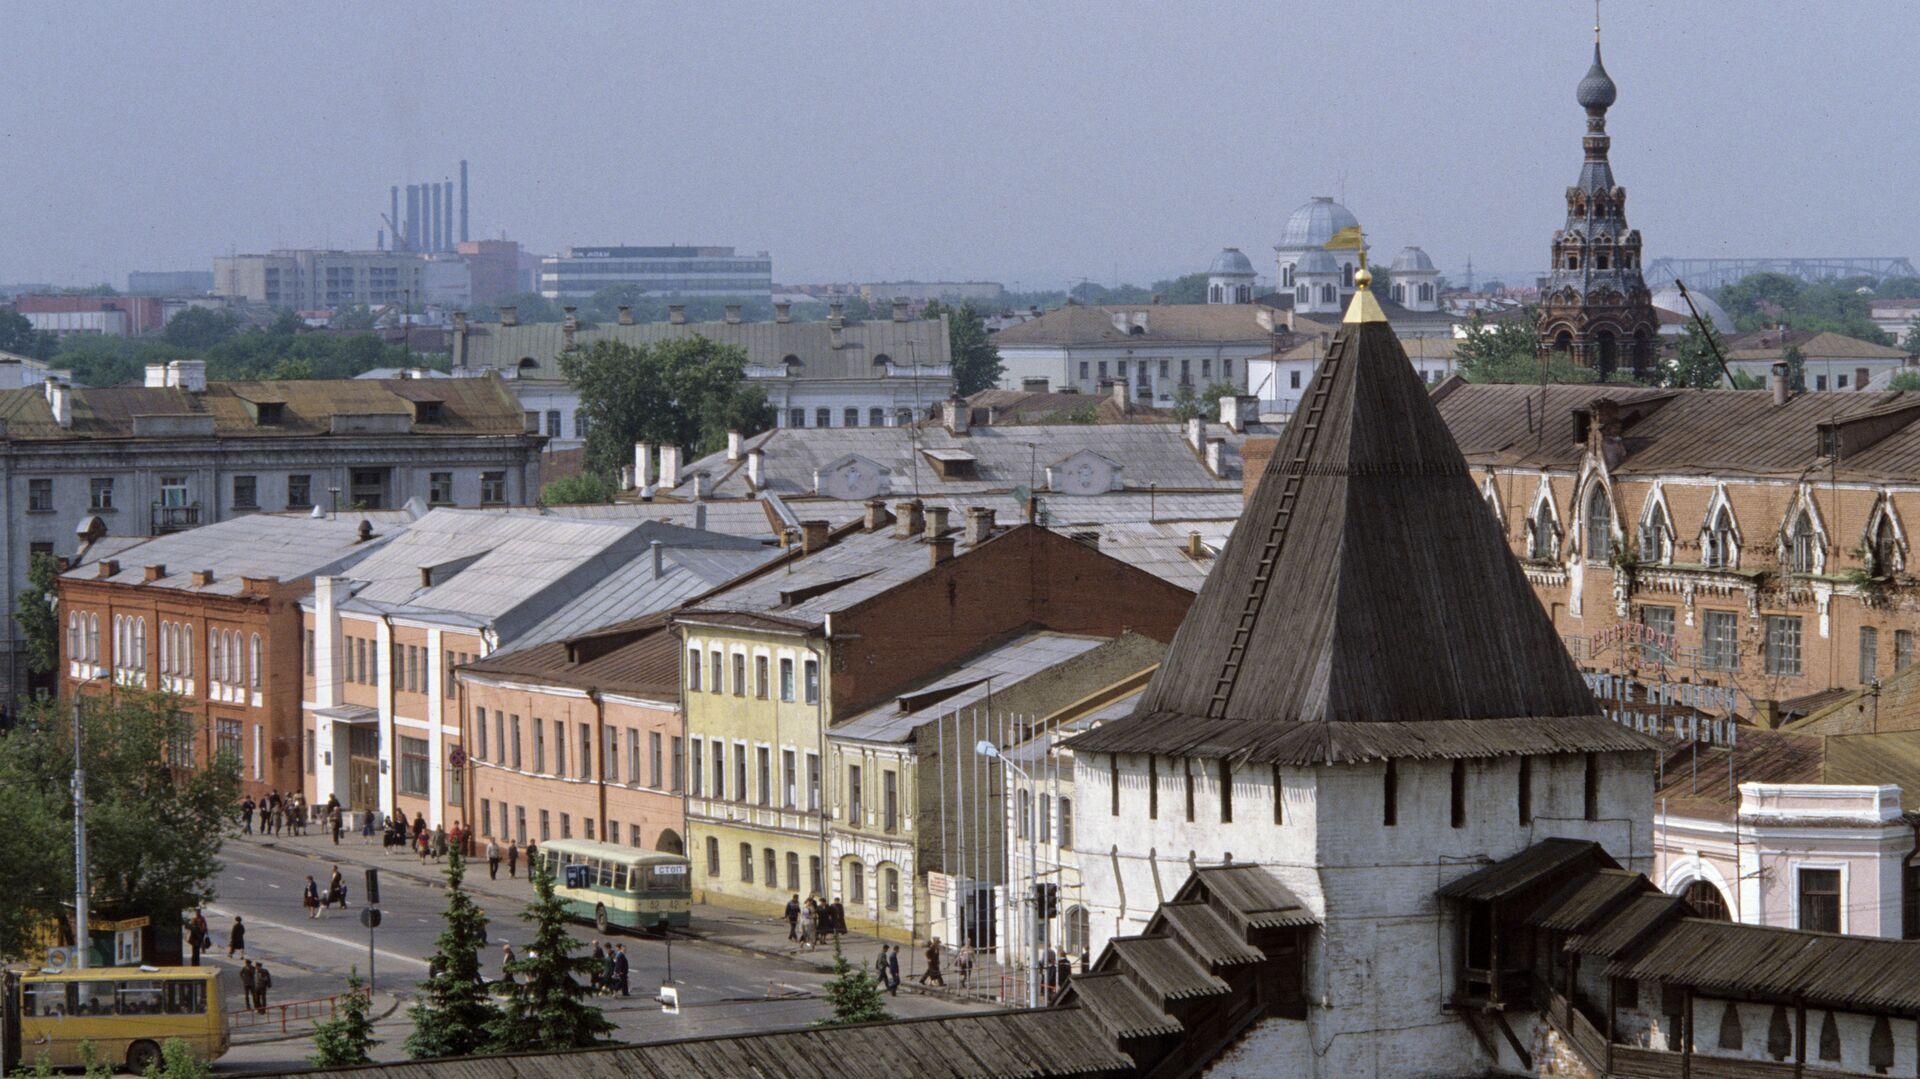 Вид на старую часть города Ярославль со стороны Спасо-Преображенского монастыря - РИА Новости, 1920, 25.06.2021